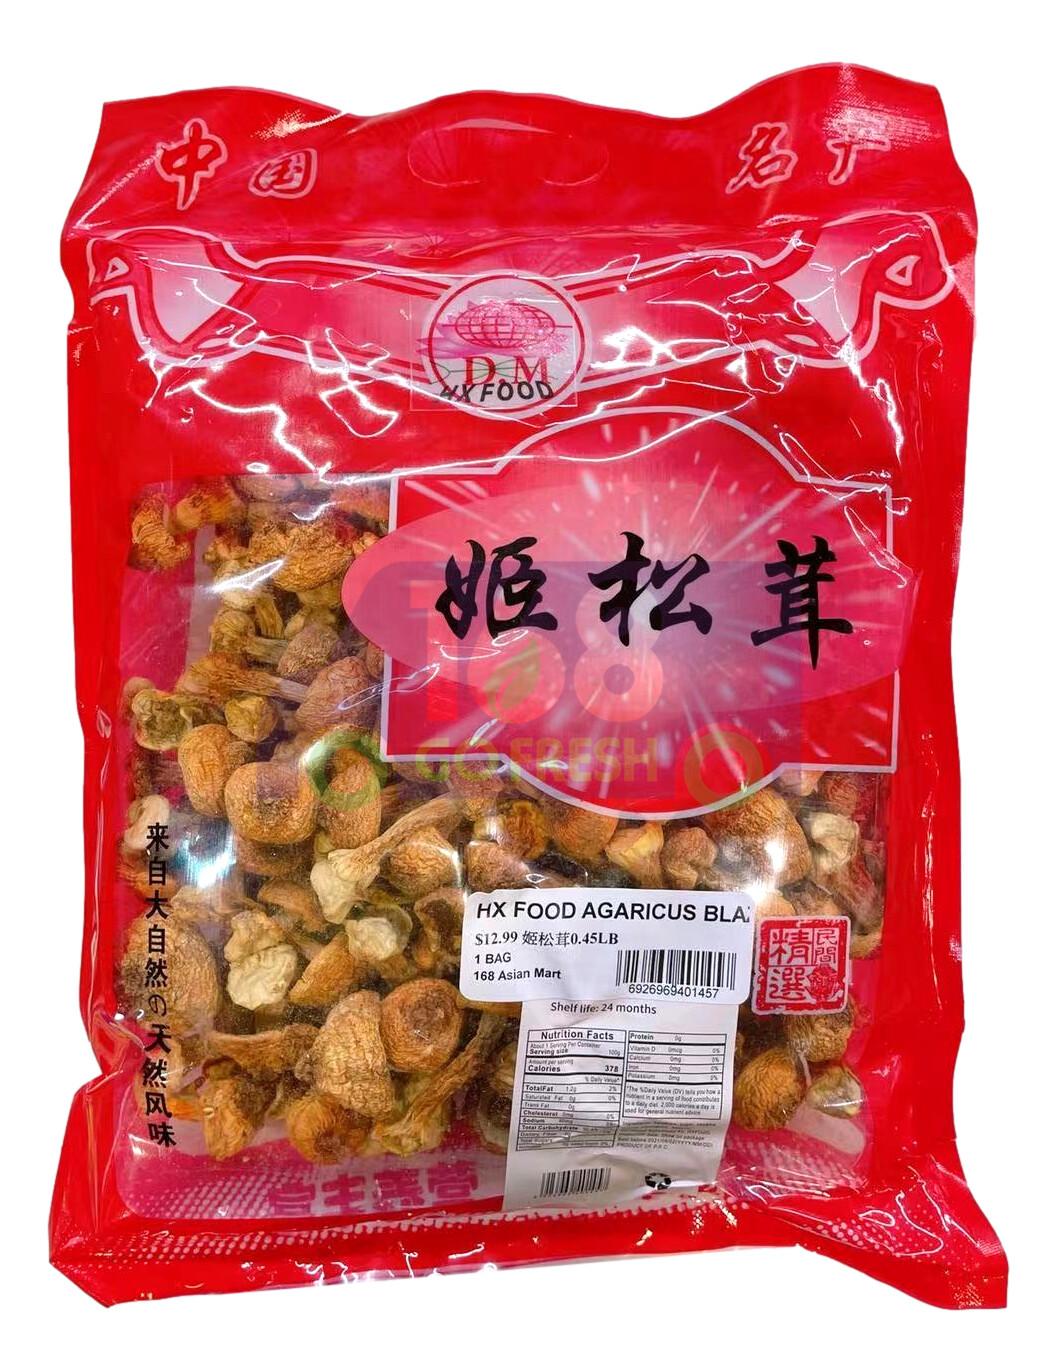 HX FOOD Dried Agaricus Blazei Mushroom 0.45LB 优质姬松茸/巴西蘑菇0.45磅